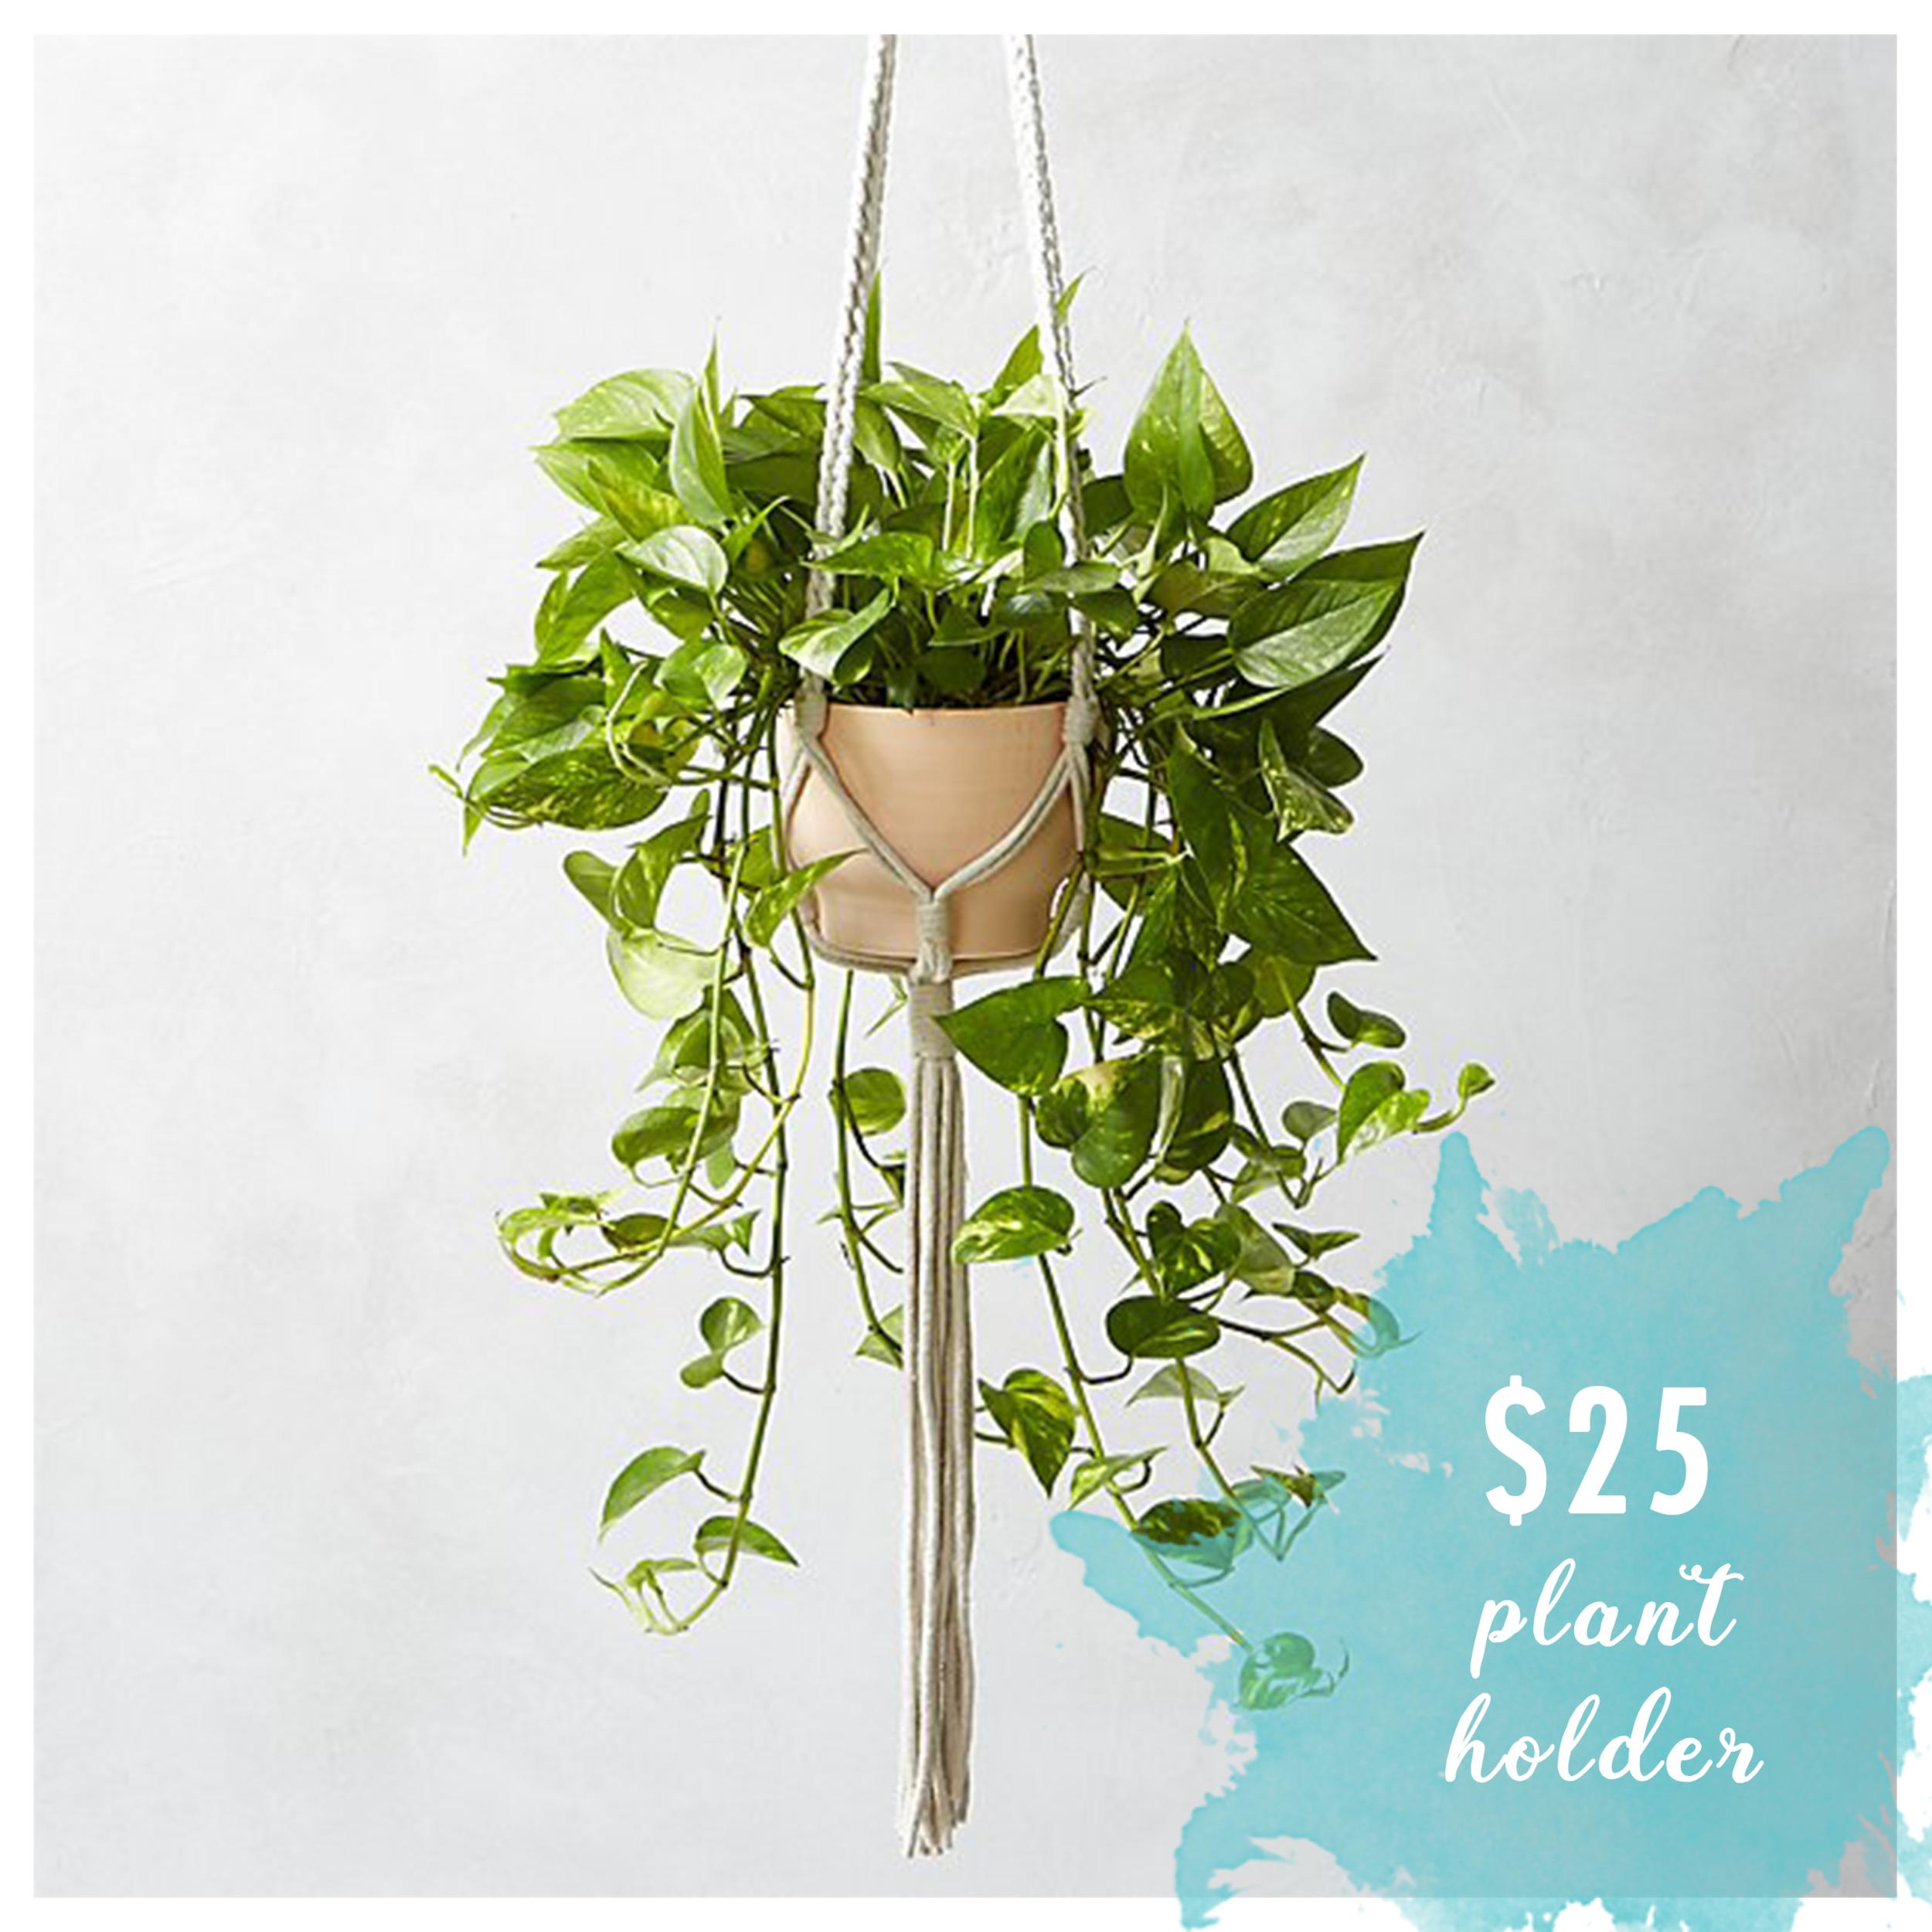 lb plant holder.png